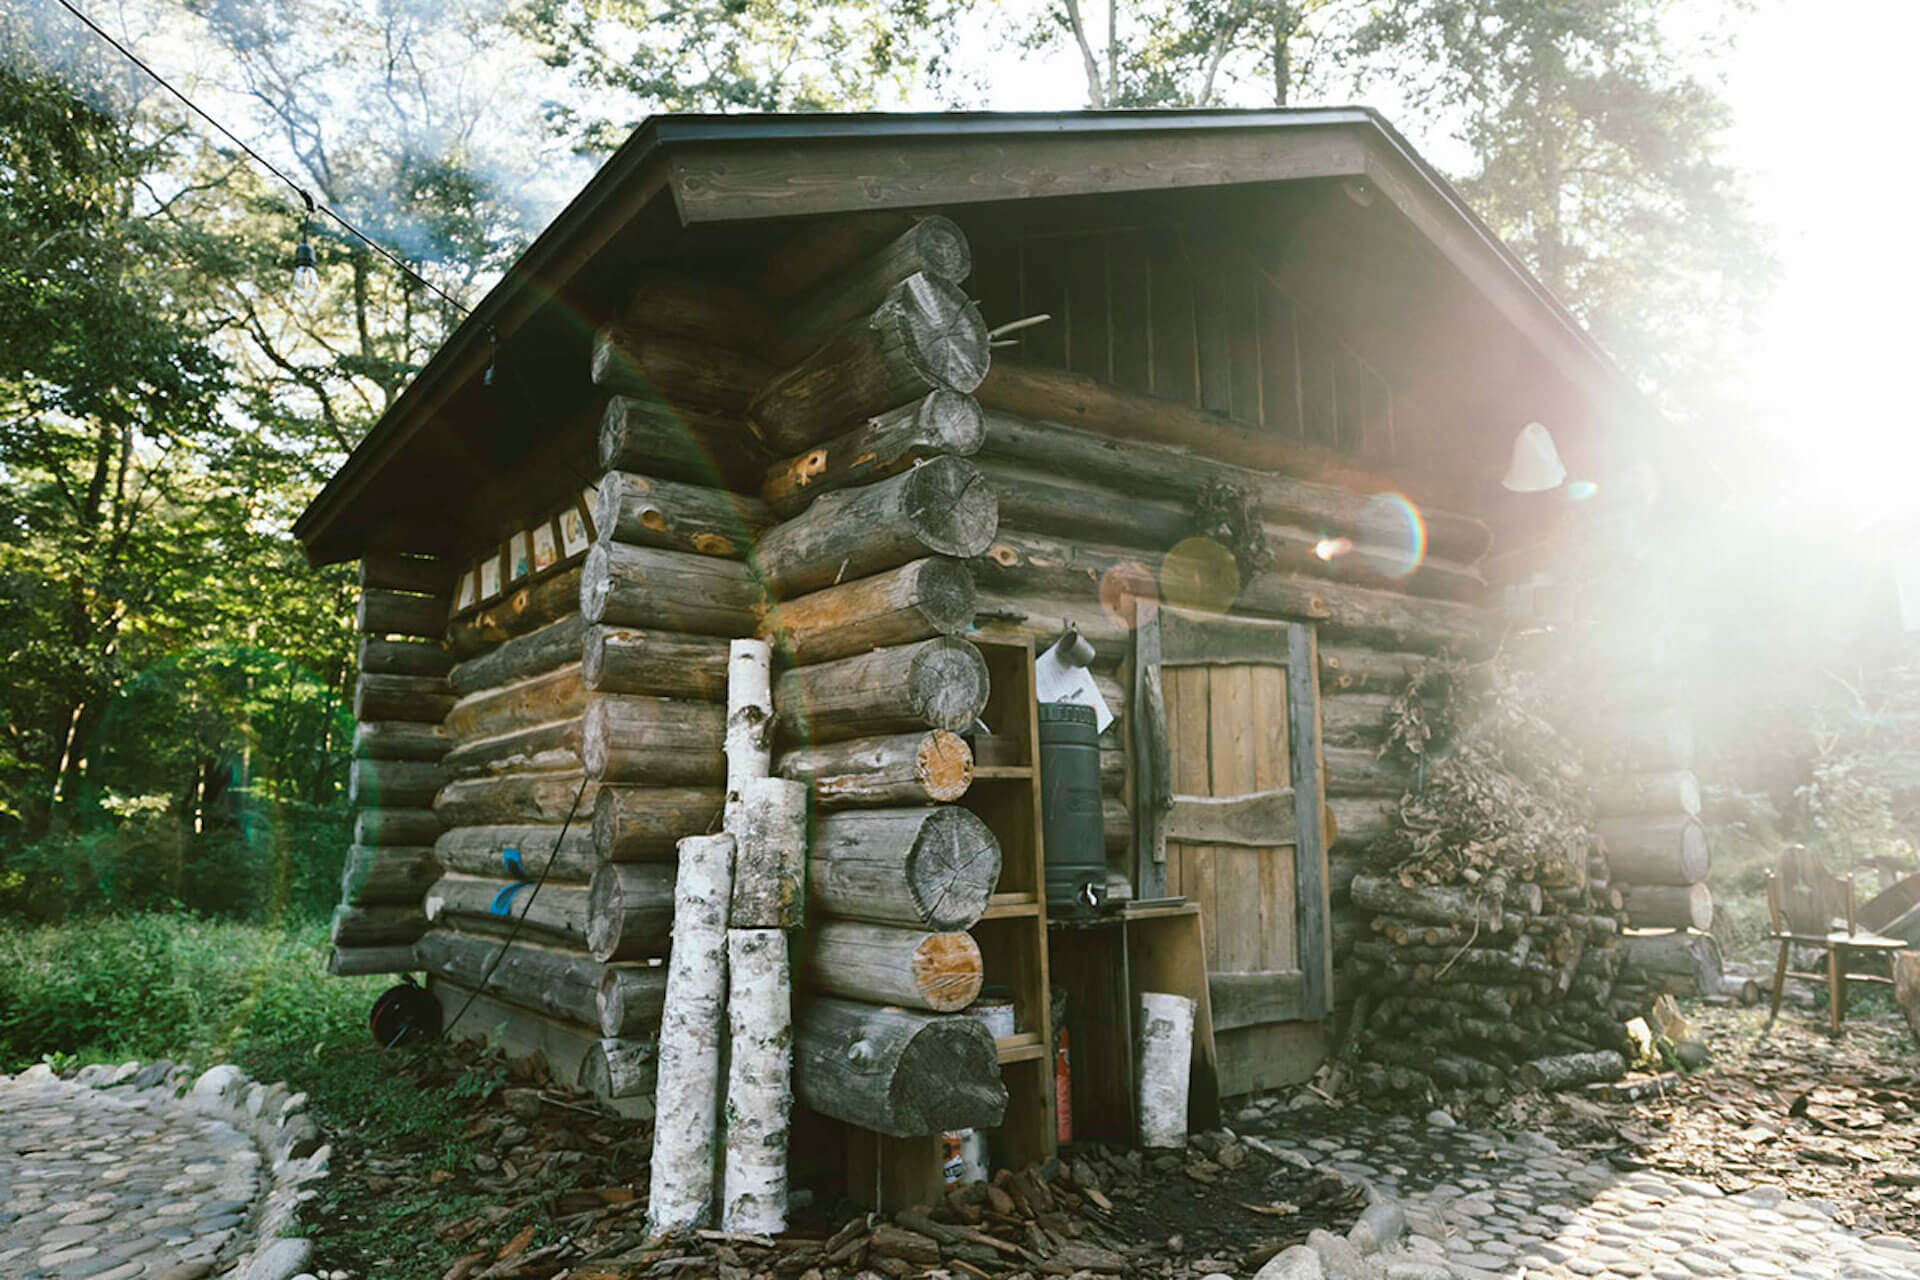 今人気のアウトドア・サウナの魅力とは!? ゲストハウスLAMP野尻湖の『The Sauna』を体験! art191115_jeep_sauna_4